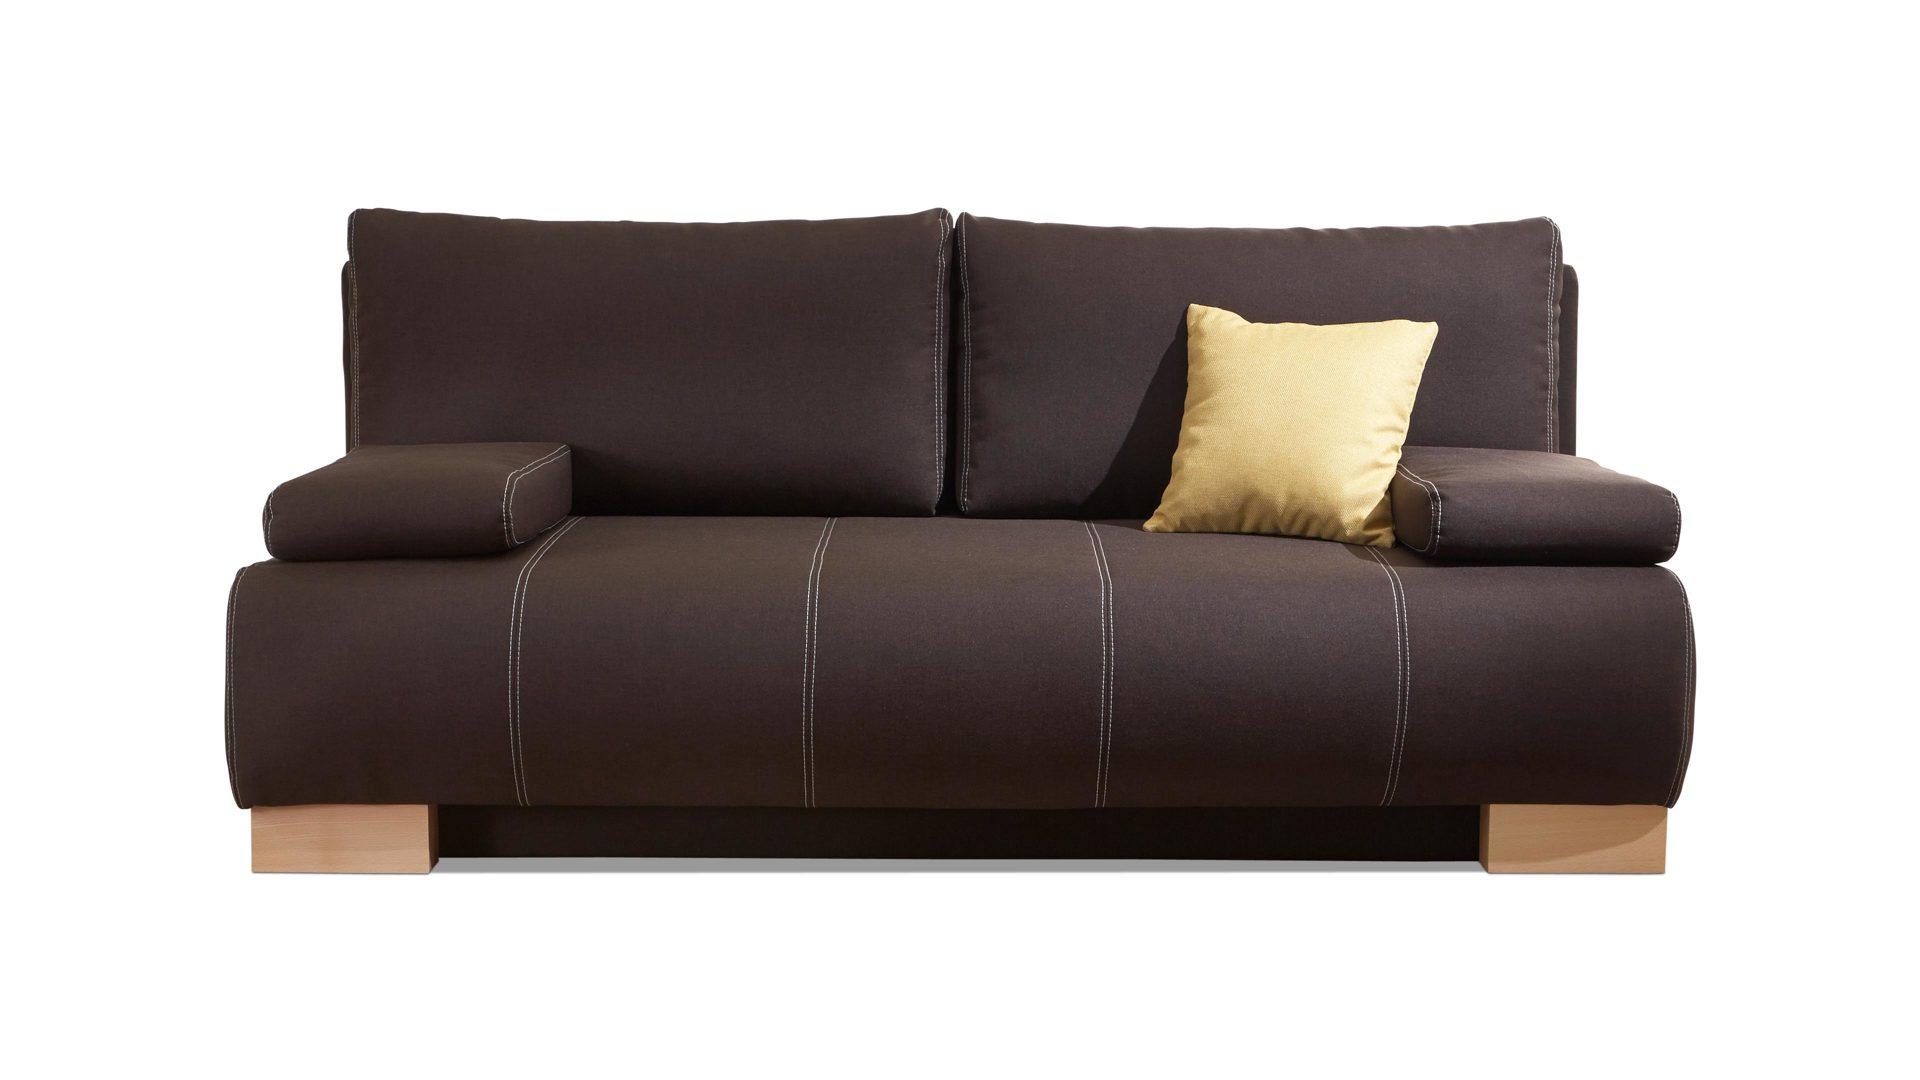 wohnkauf zeller weilburg rume jugendzimmer kinderzimmer sofas couches schlafcouch mit praktischem bettkasten in modern trend junges wohnen - Eckschlafsofa Die Praktischen Sofa Fur Ihren Komfort